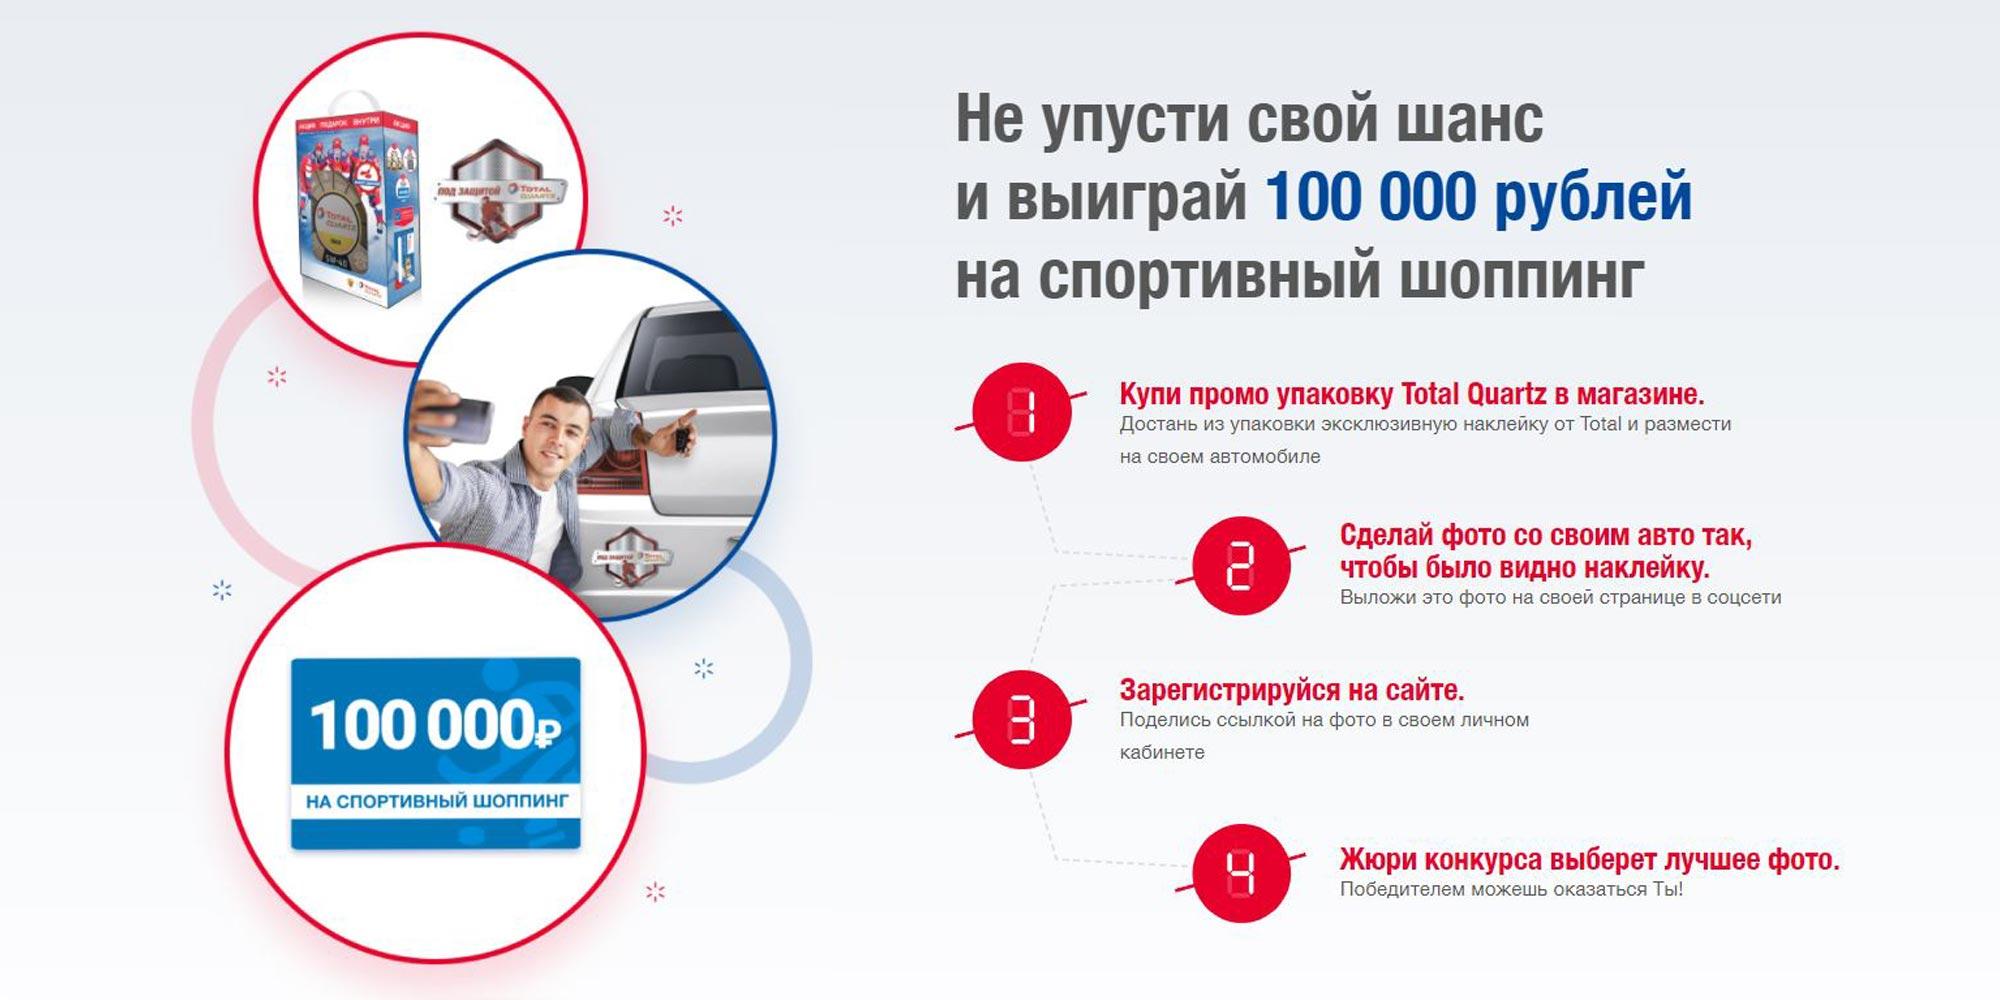 Промо-акция для покупателей TOTAL QUARTZ  «ВЫБОР СБОРНОЙ» В период с 04.05.2021 по 30.06.2021 при покупке TOTAL QUARTZ в промо-упаковке можно выиграть сертификата на 100 000 рублей на спортивный шопинг!